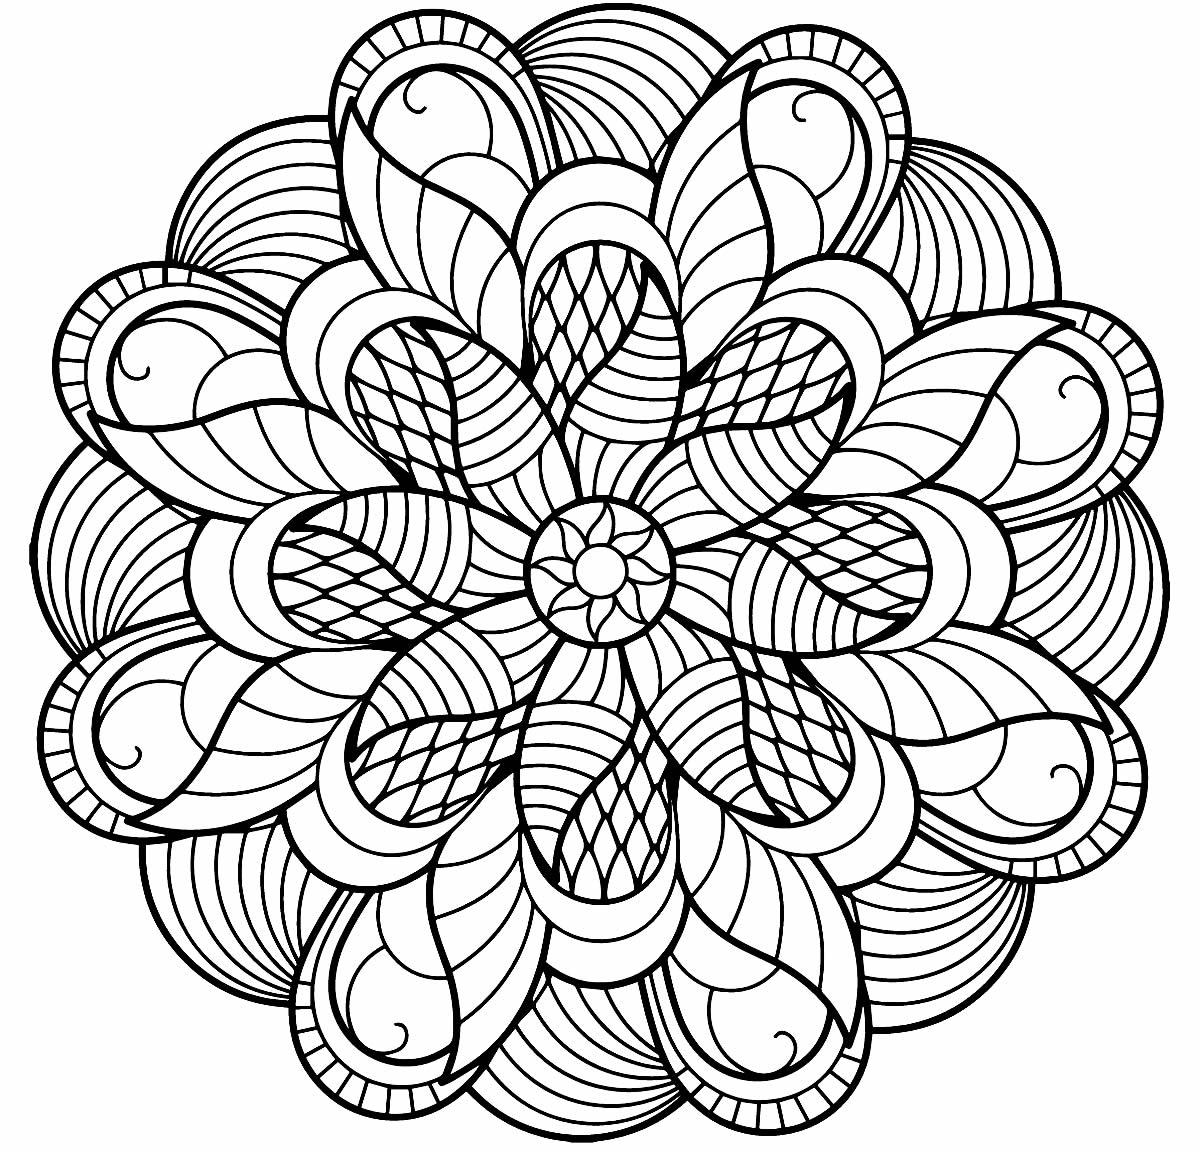 Mandala criativa para pintar